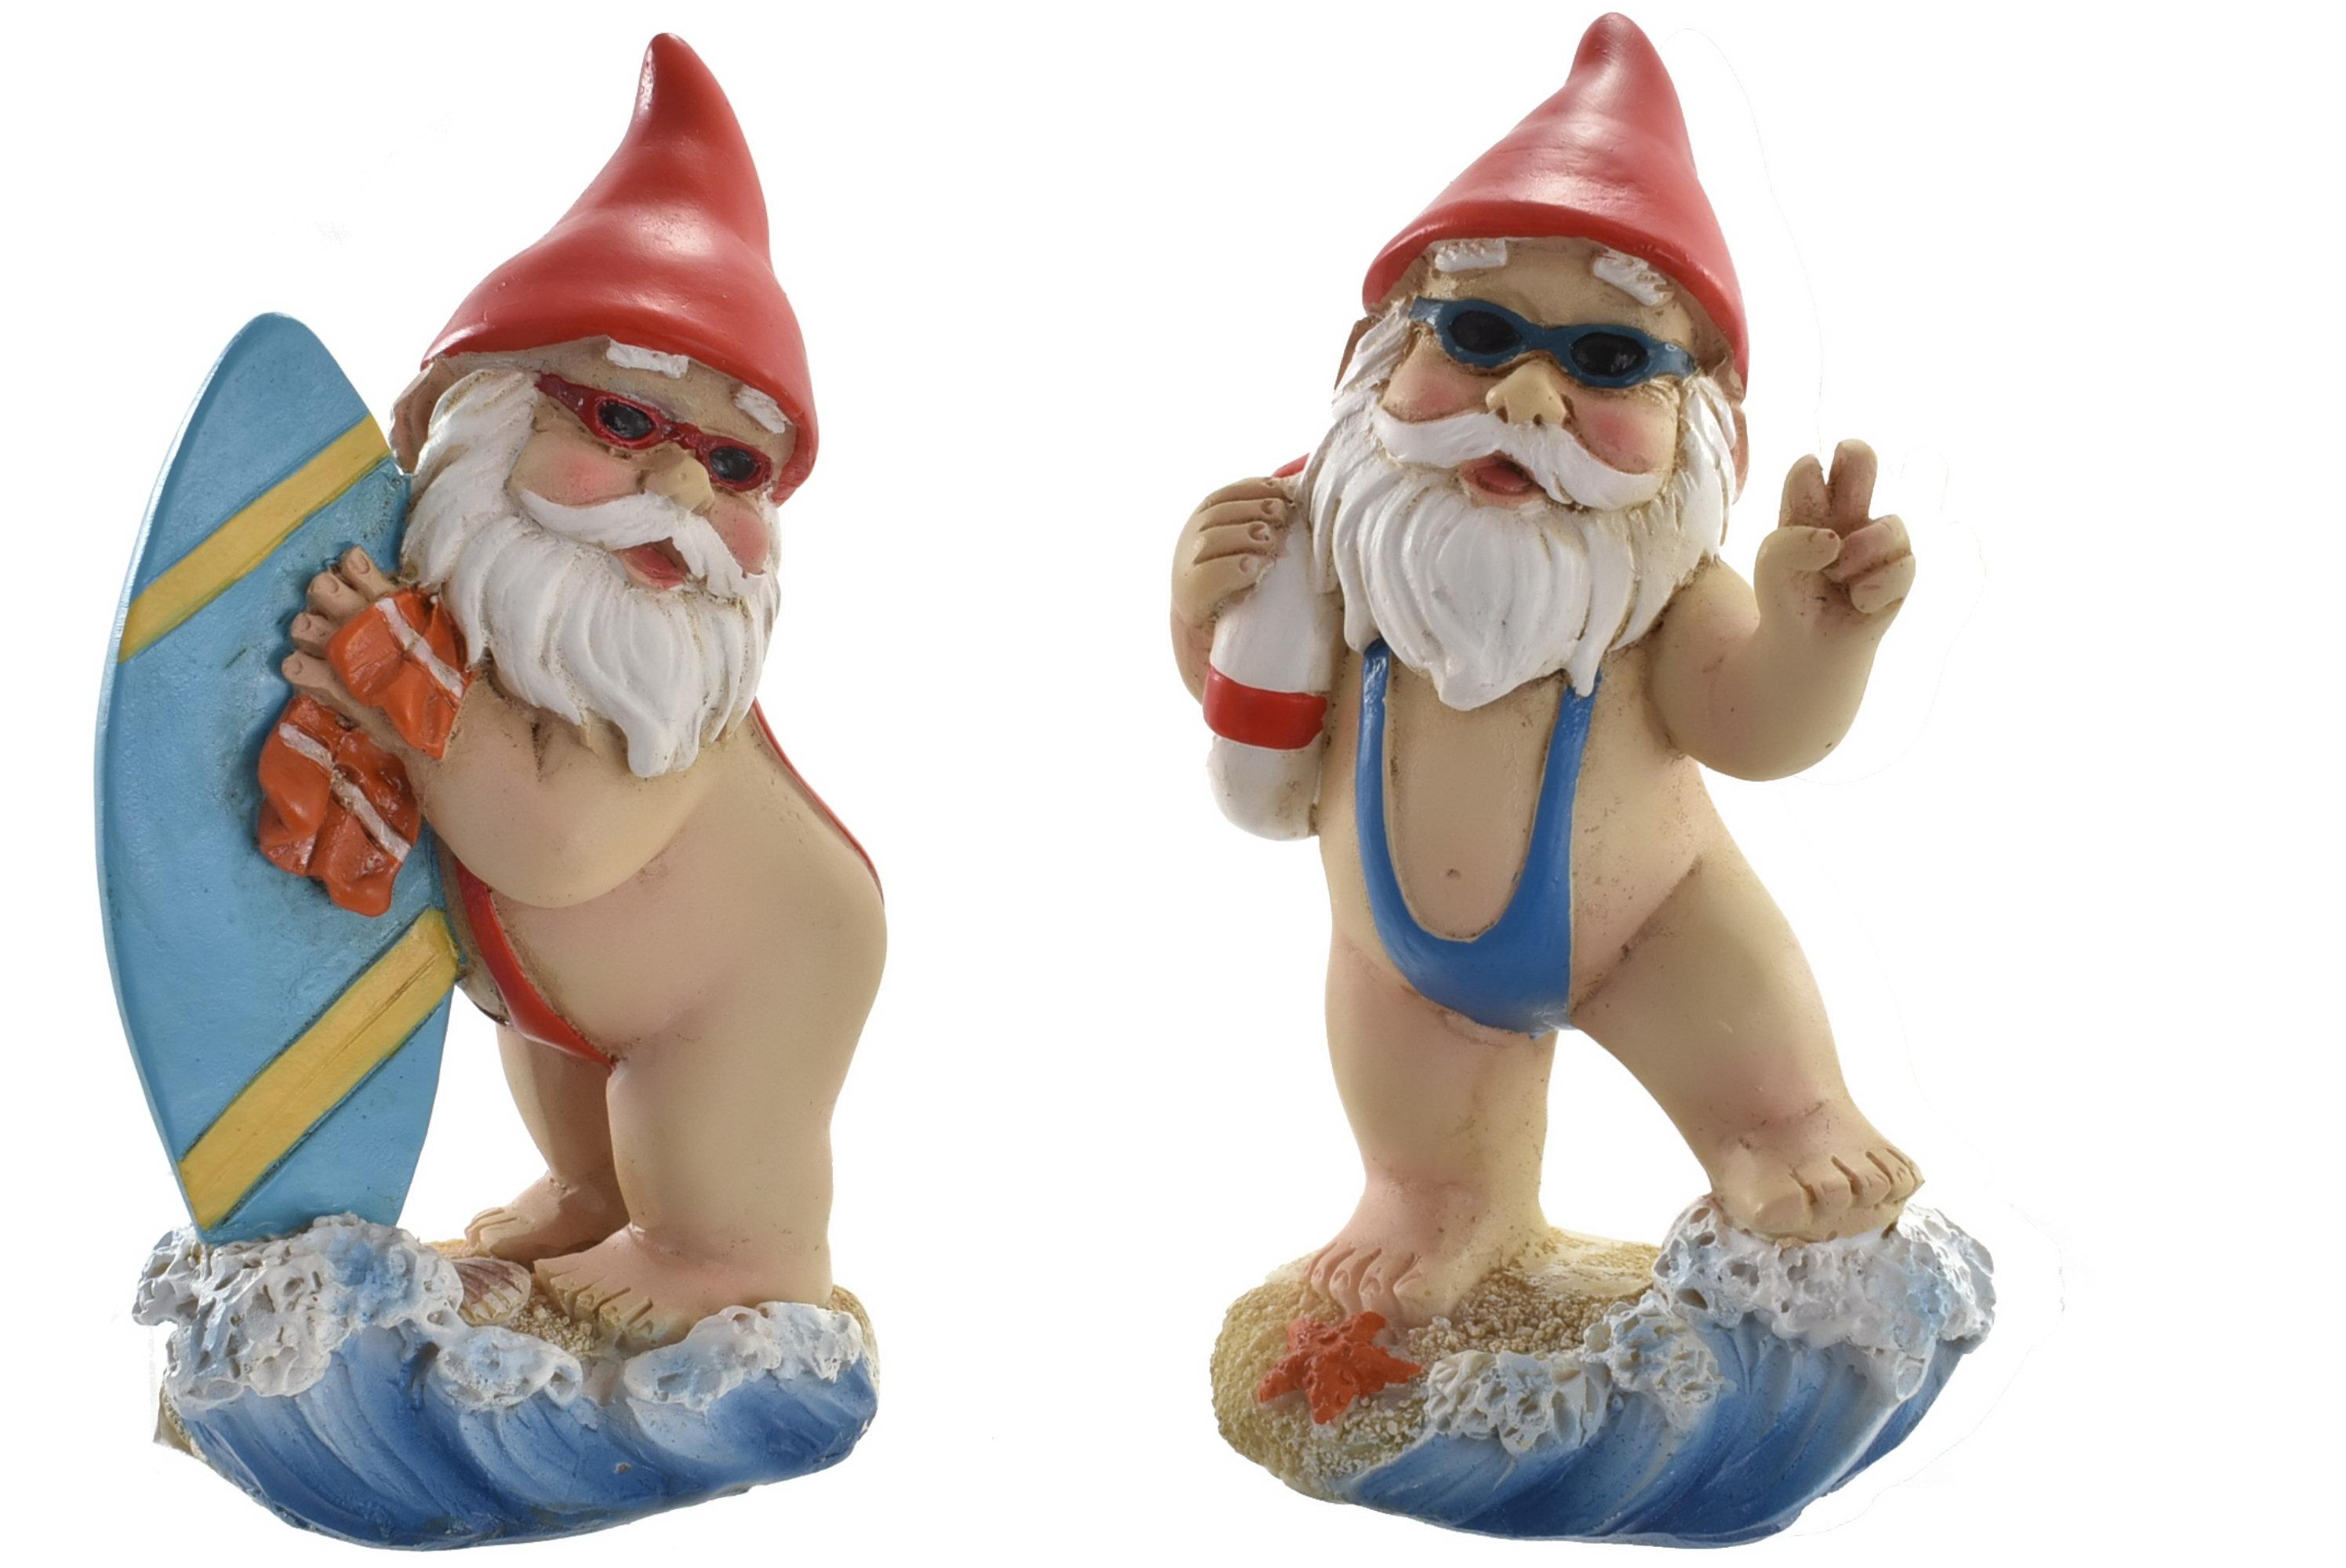 8cm Beach Gnome 2 Assorted Designs